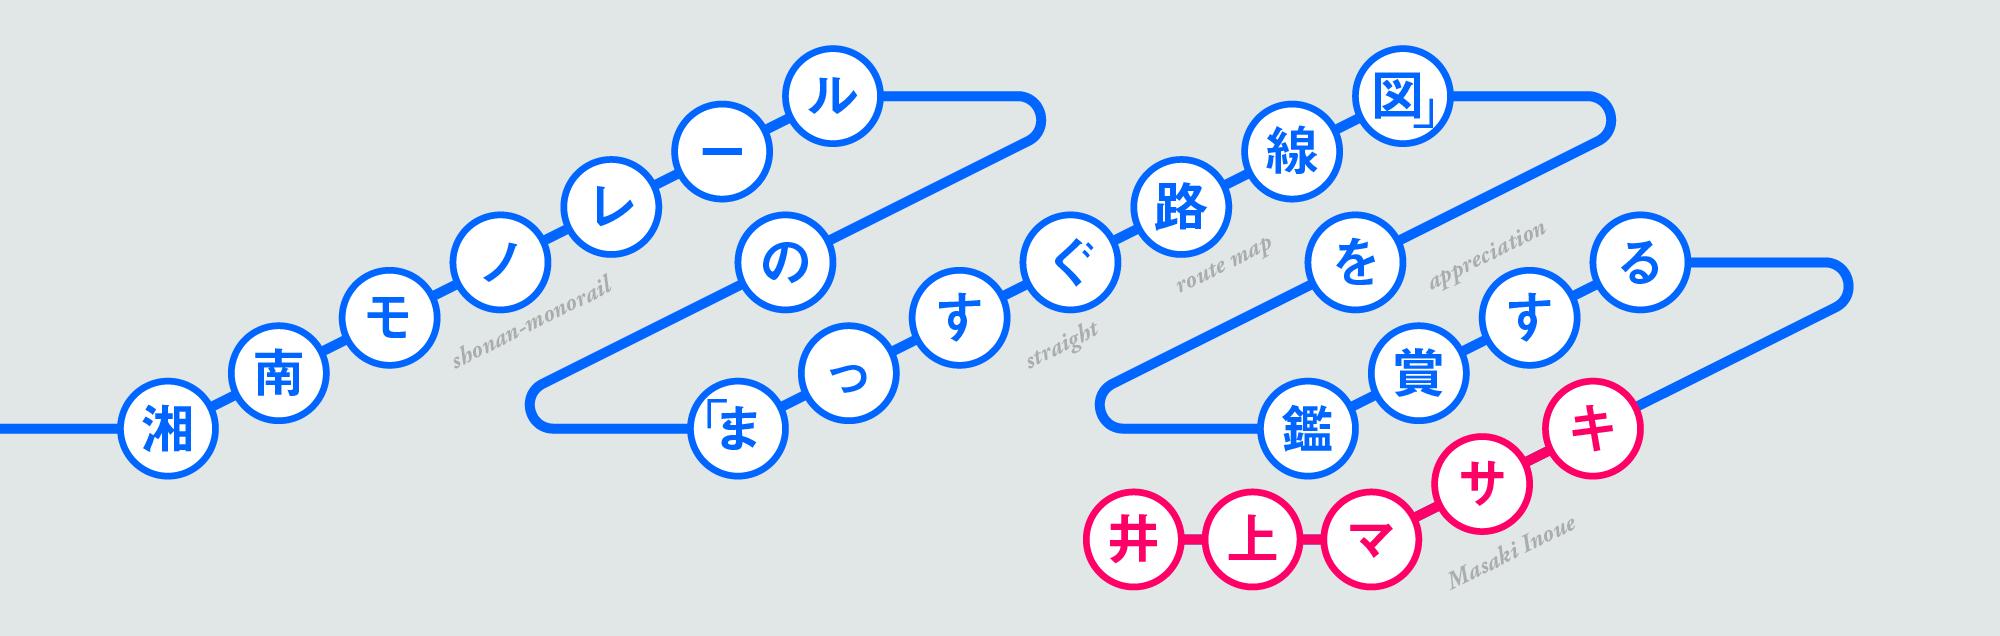 湘南モノレールの「まっすぐ路線図」を鑑賞する 井上マサキ